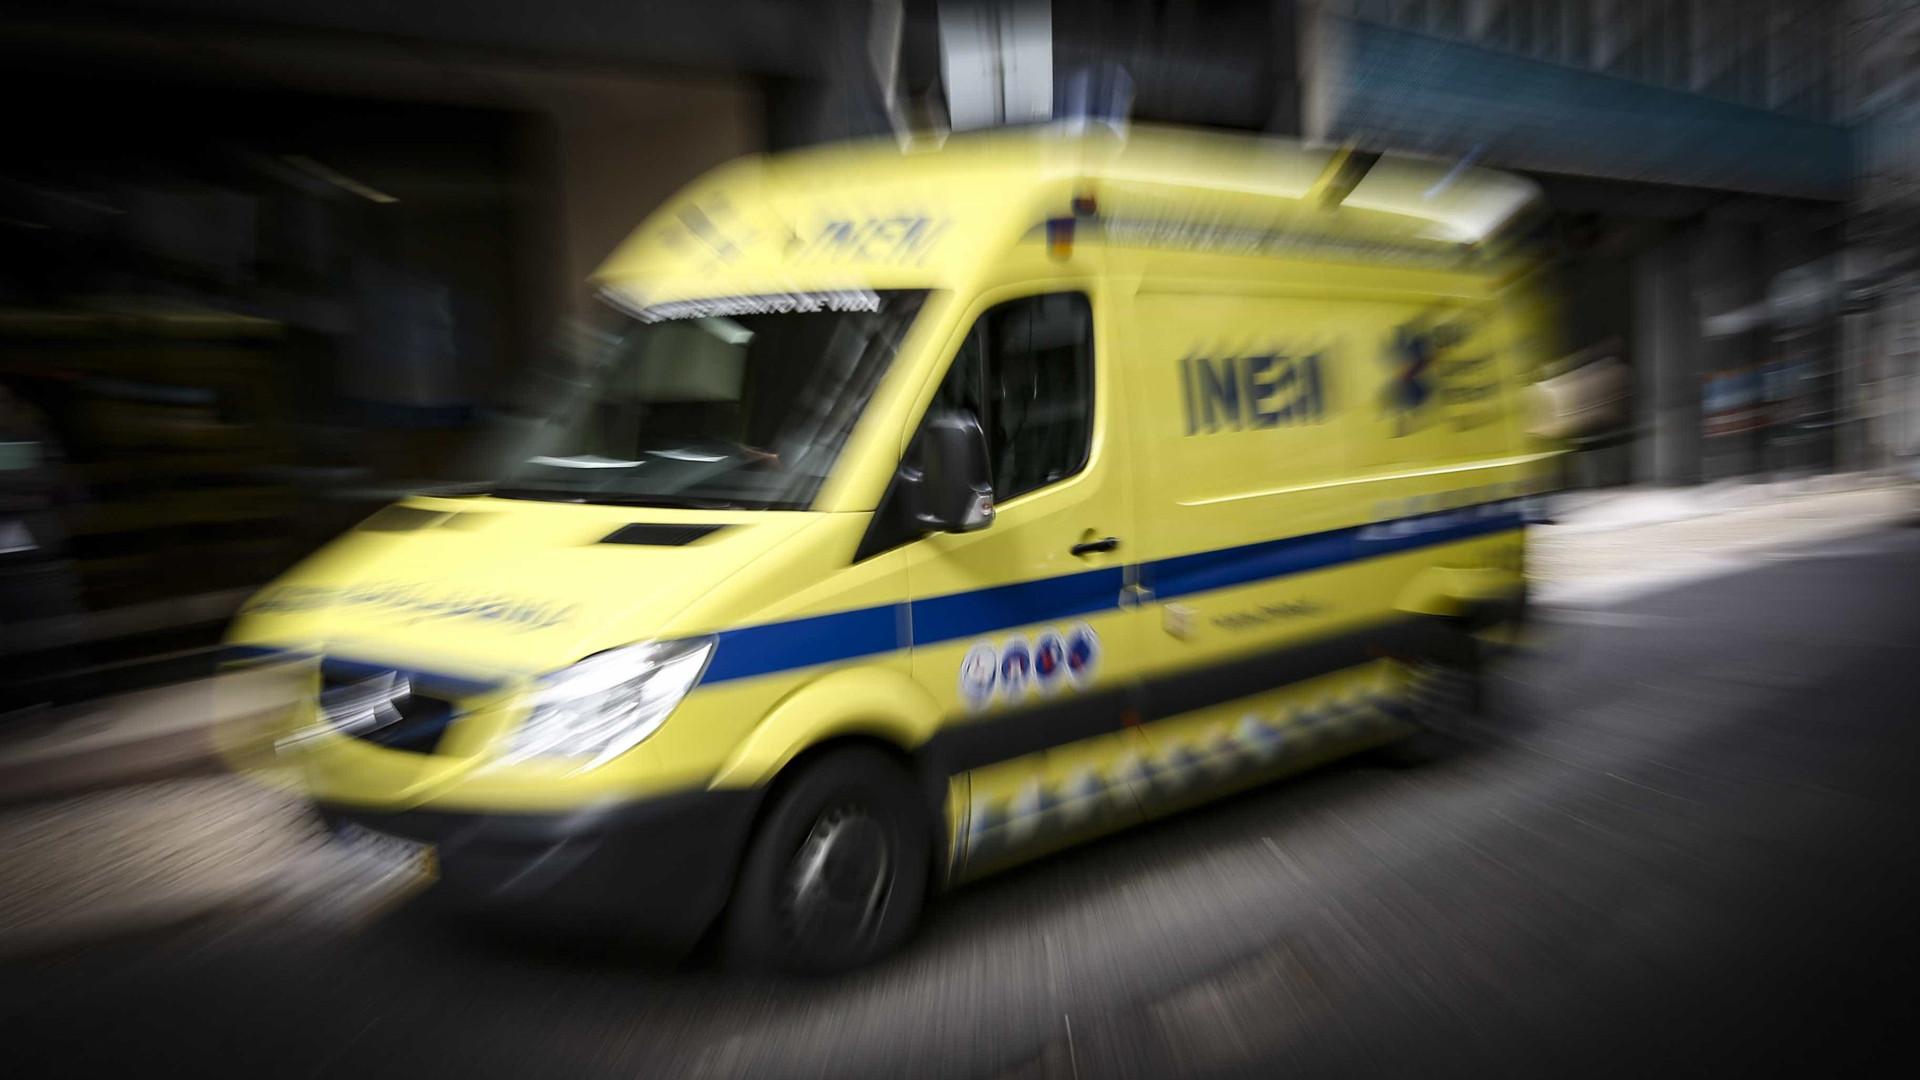 Dez pessoas feridas em atropelamento em Loulé. Condutora identificada